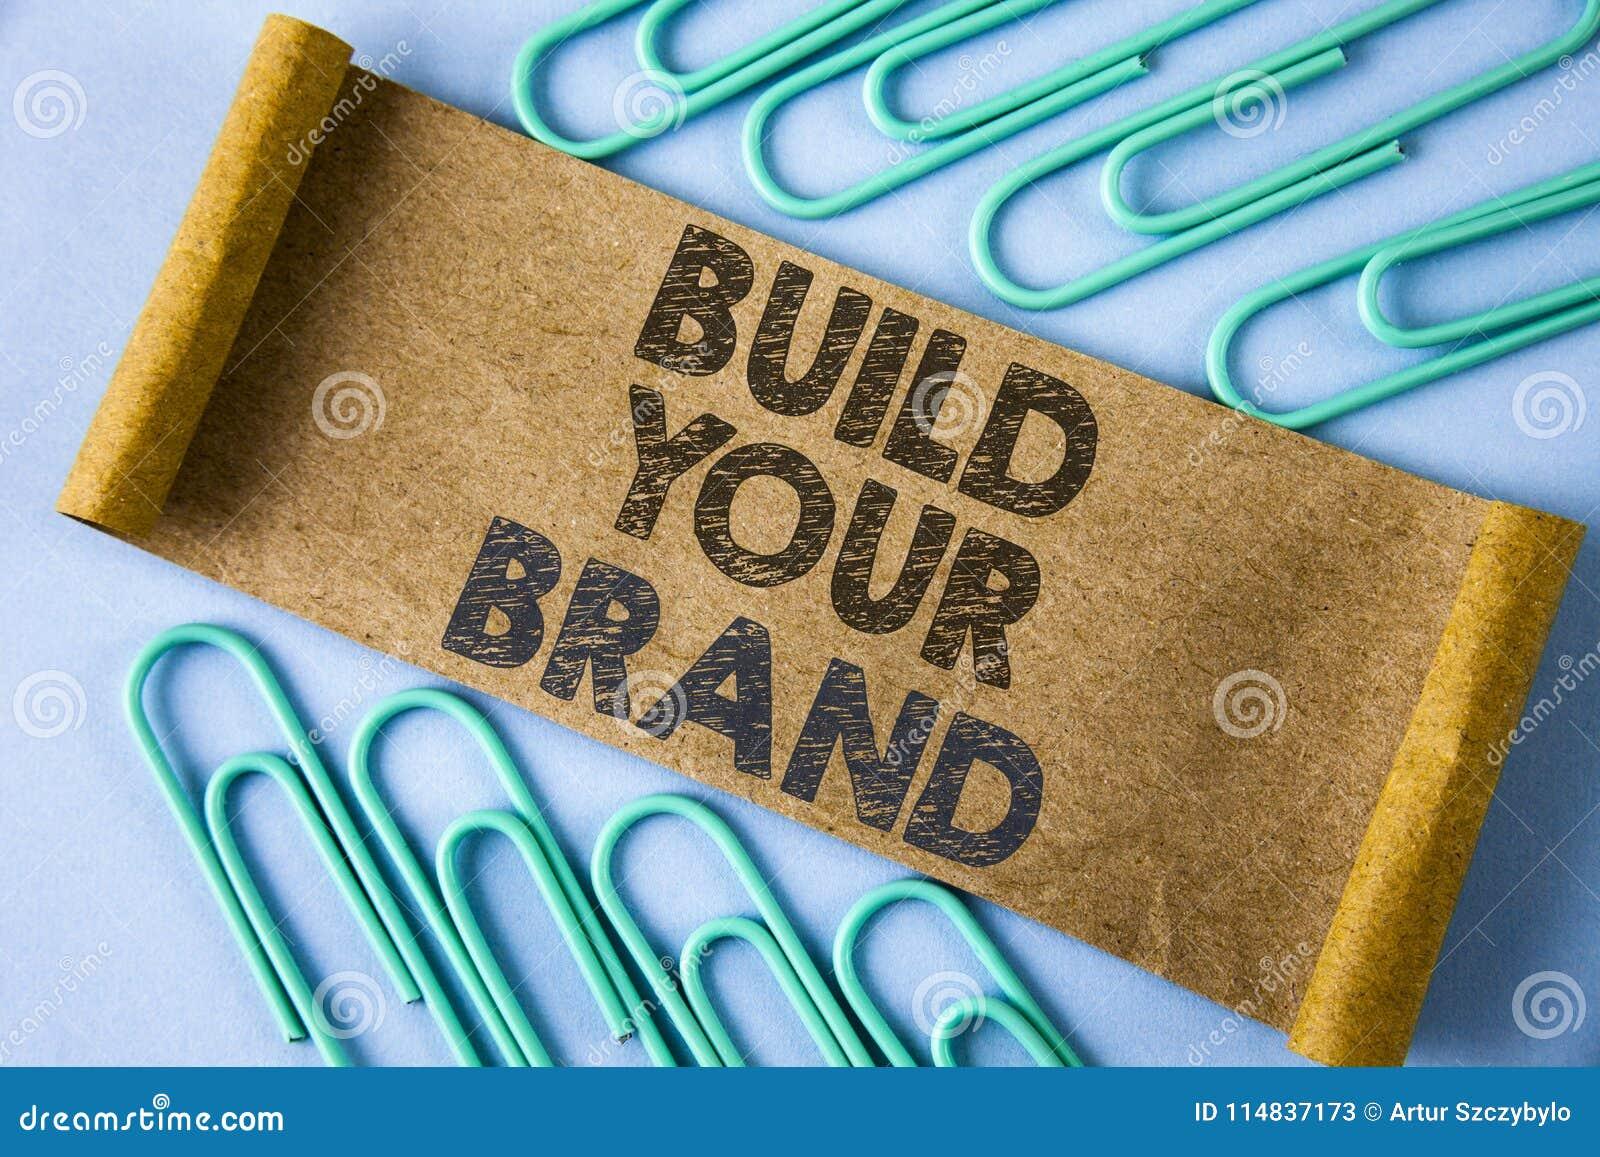 Estructura de la demostración de la muestra del texto su marca La foto conceptual crea su propio modelo del lema del logotipo que